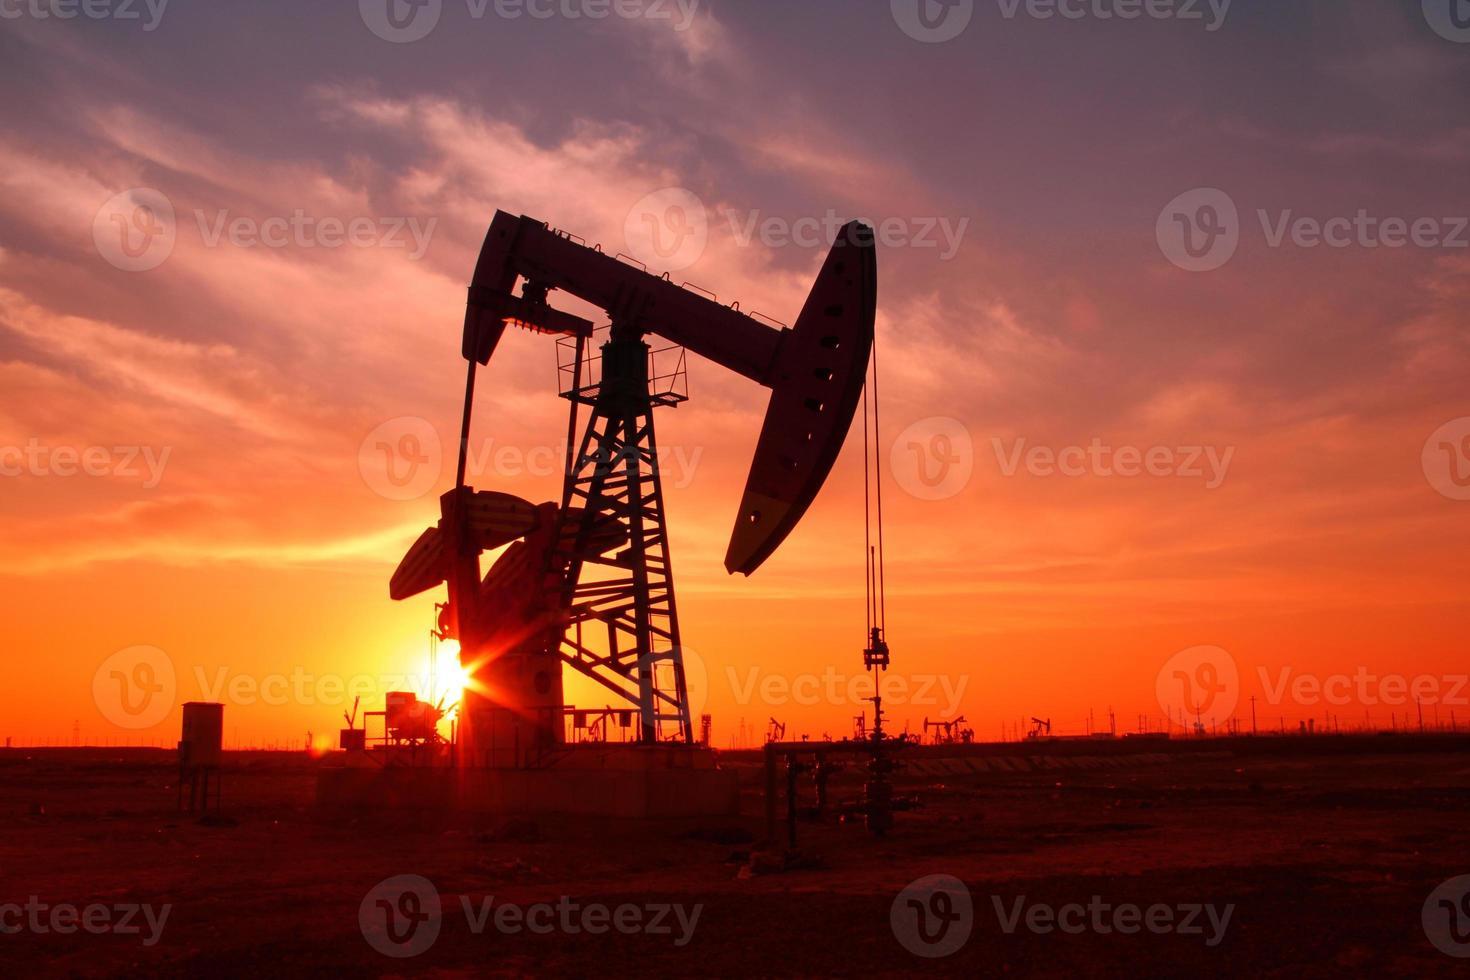 la pompe à huile photo